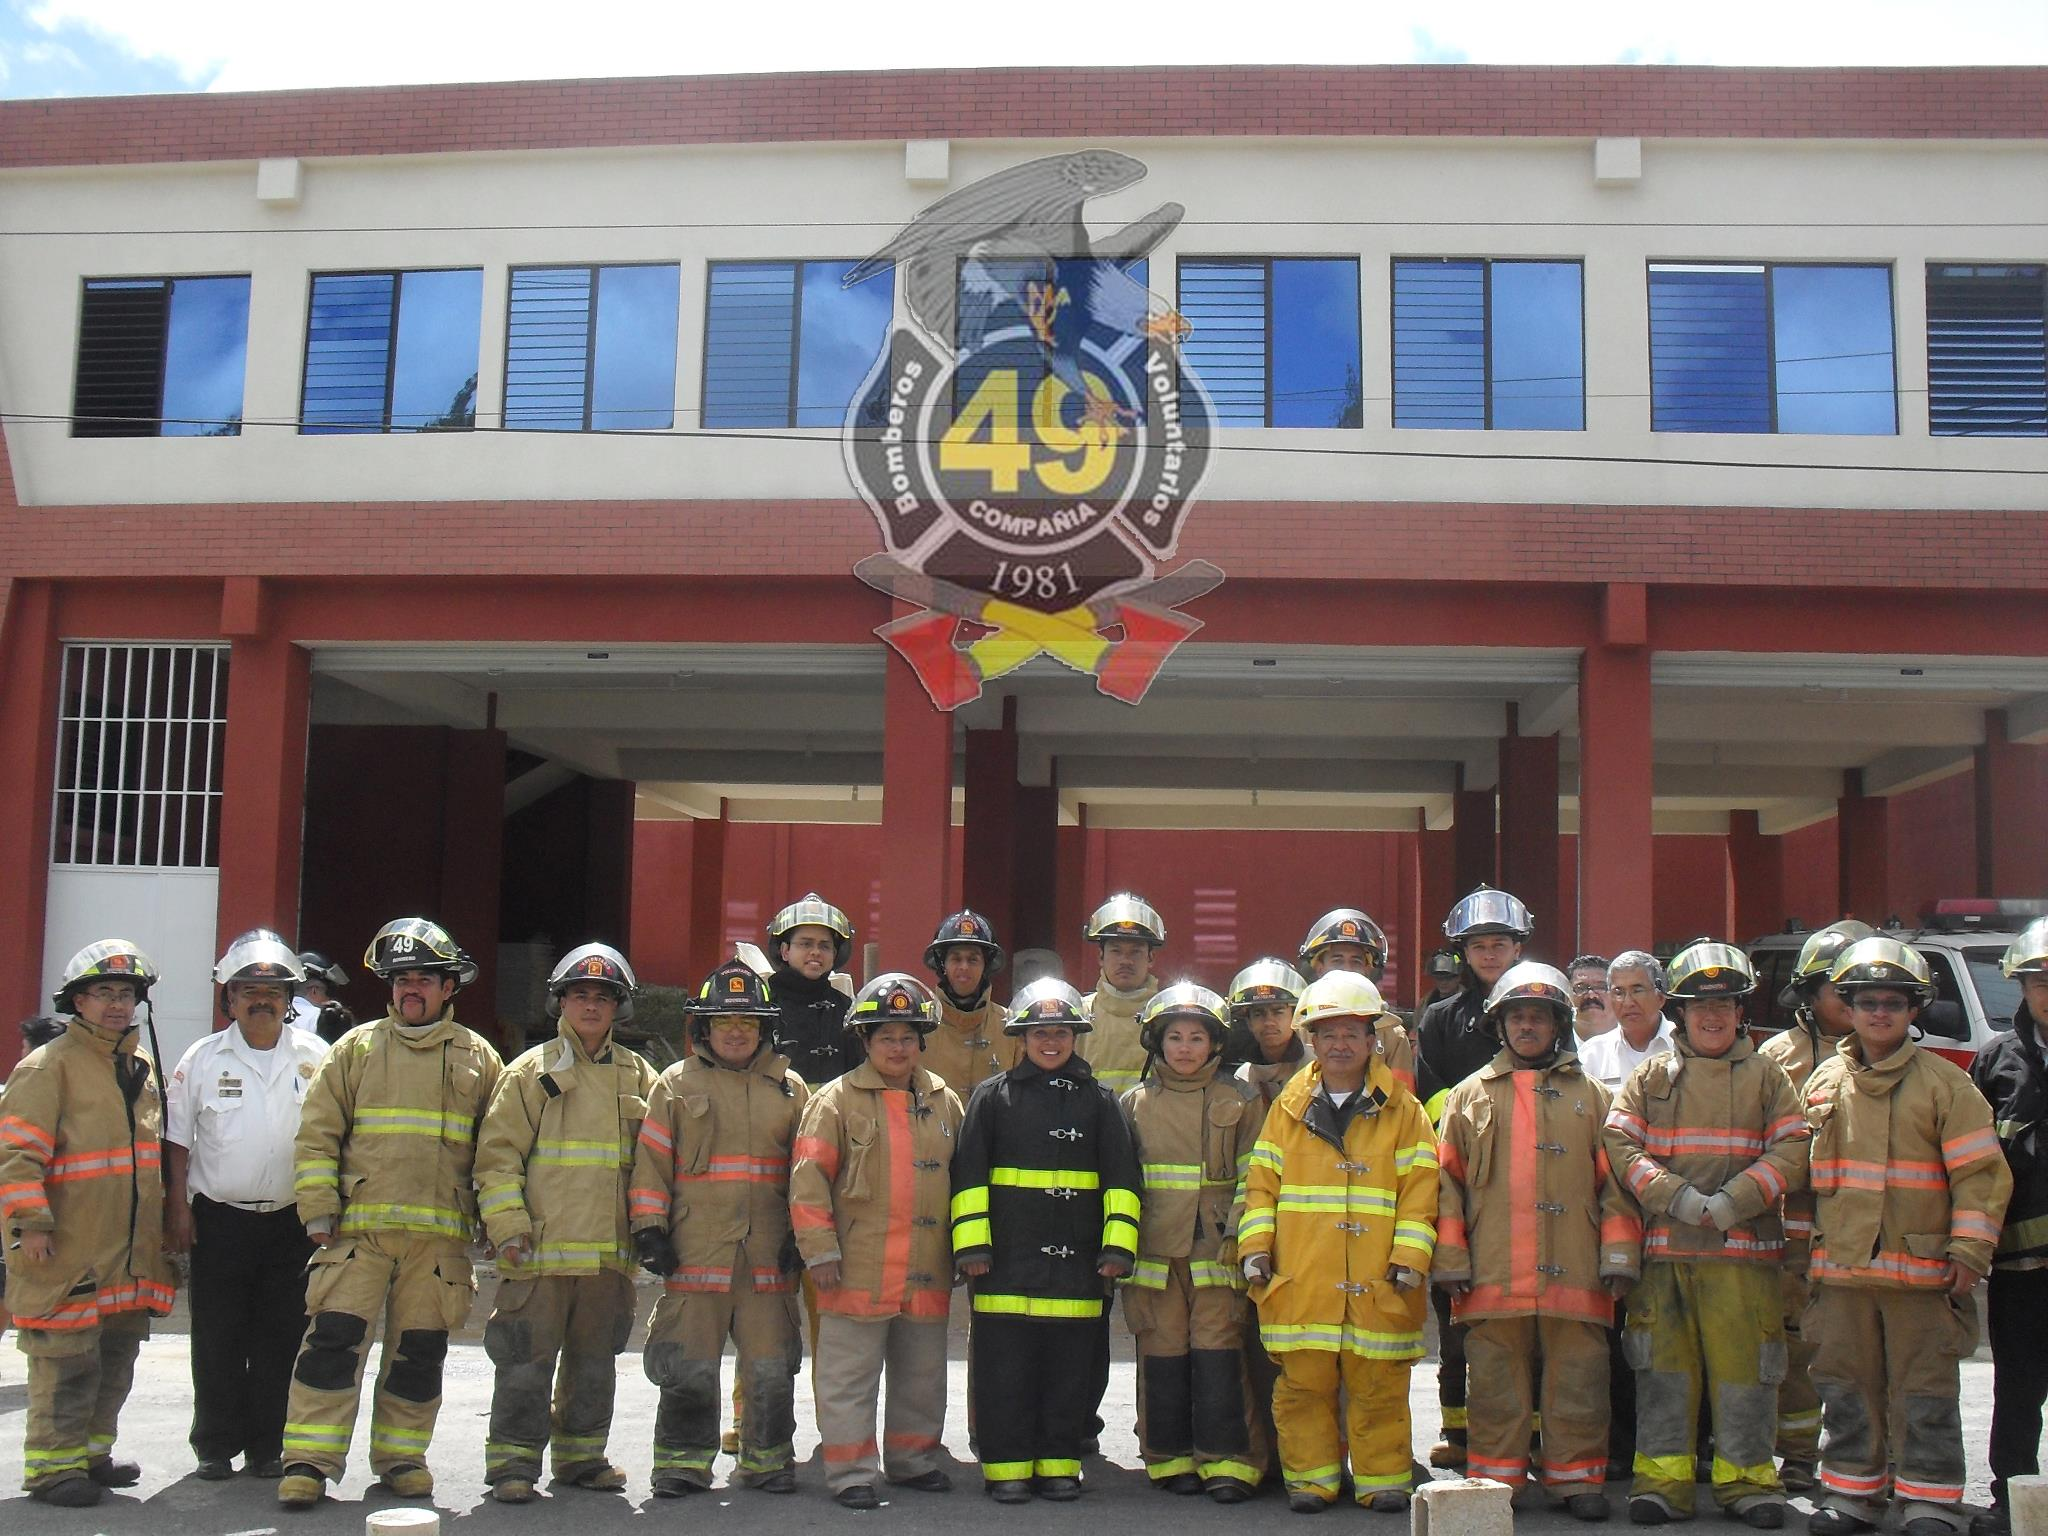 (Foto: 49 Compañía Bomberos Voluntarios)